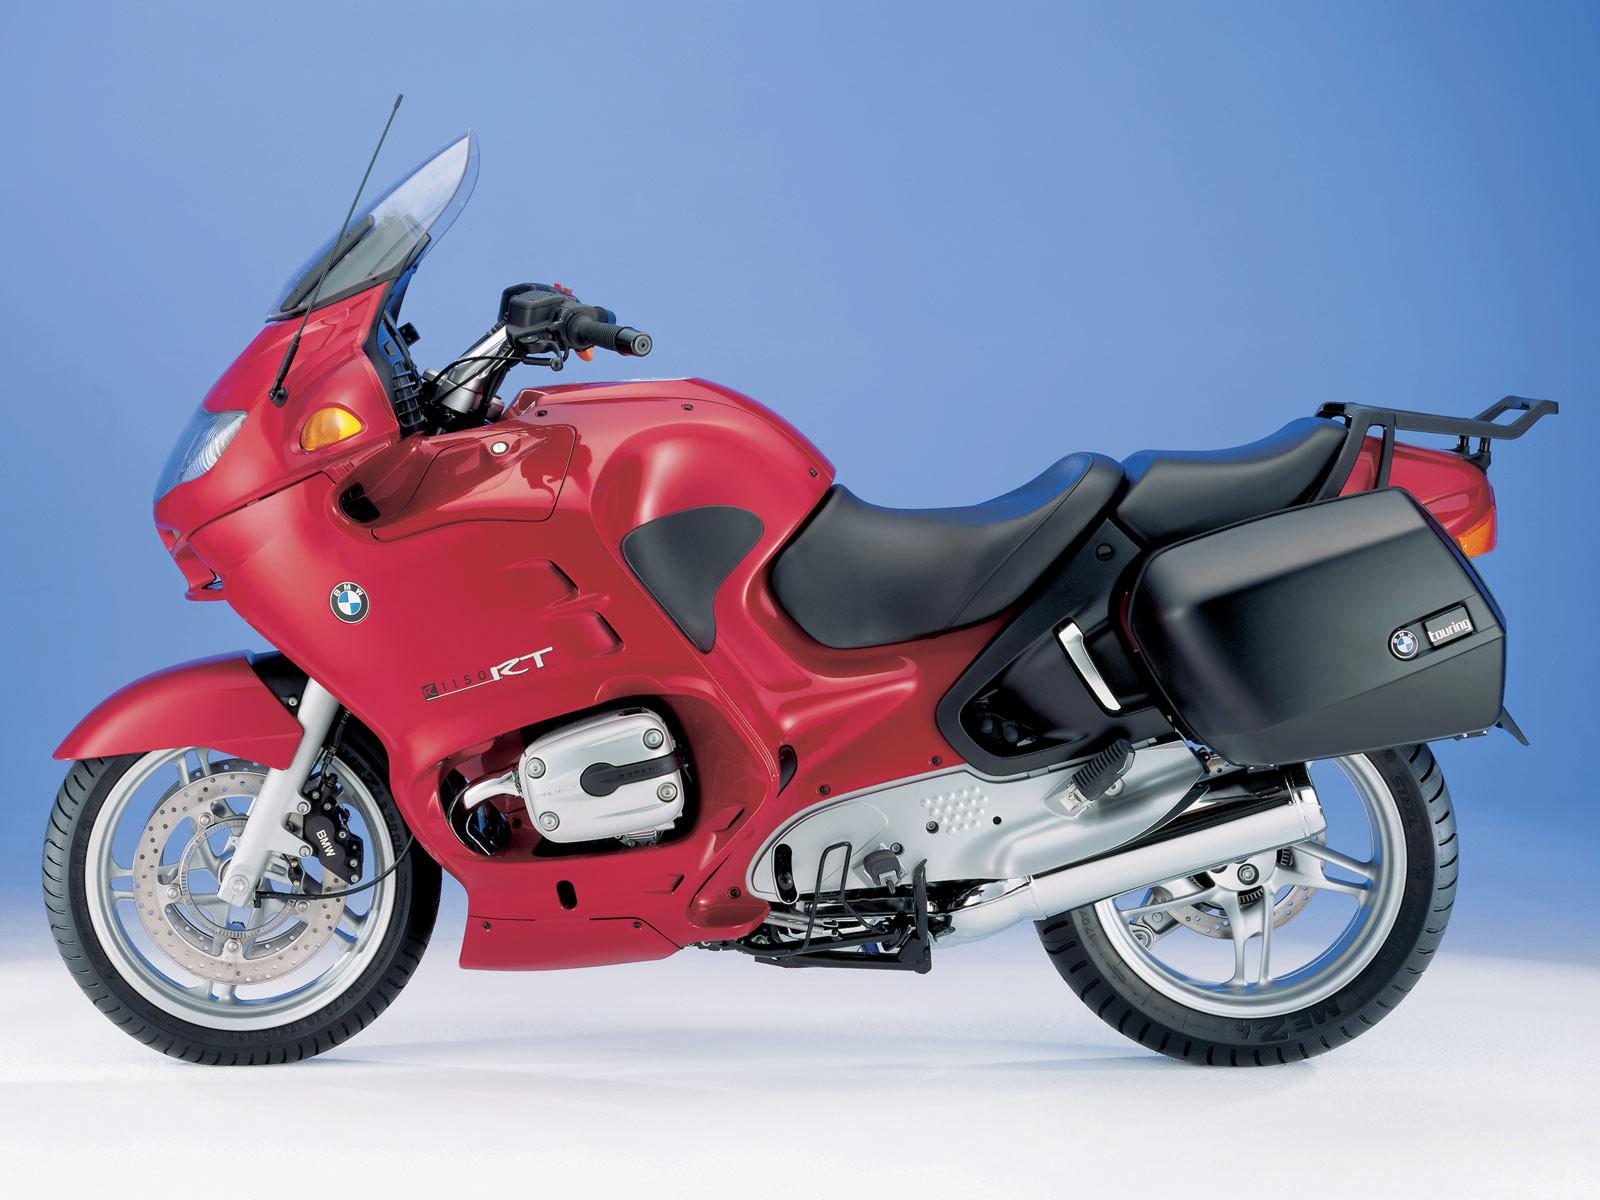 2004 bmw r1150 rt motorcyle insurance information. Black Bedroom Furniture Sets. Home Design Ideas